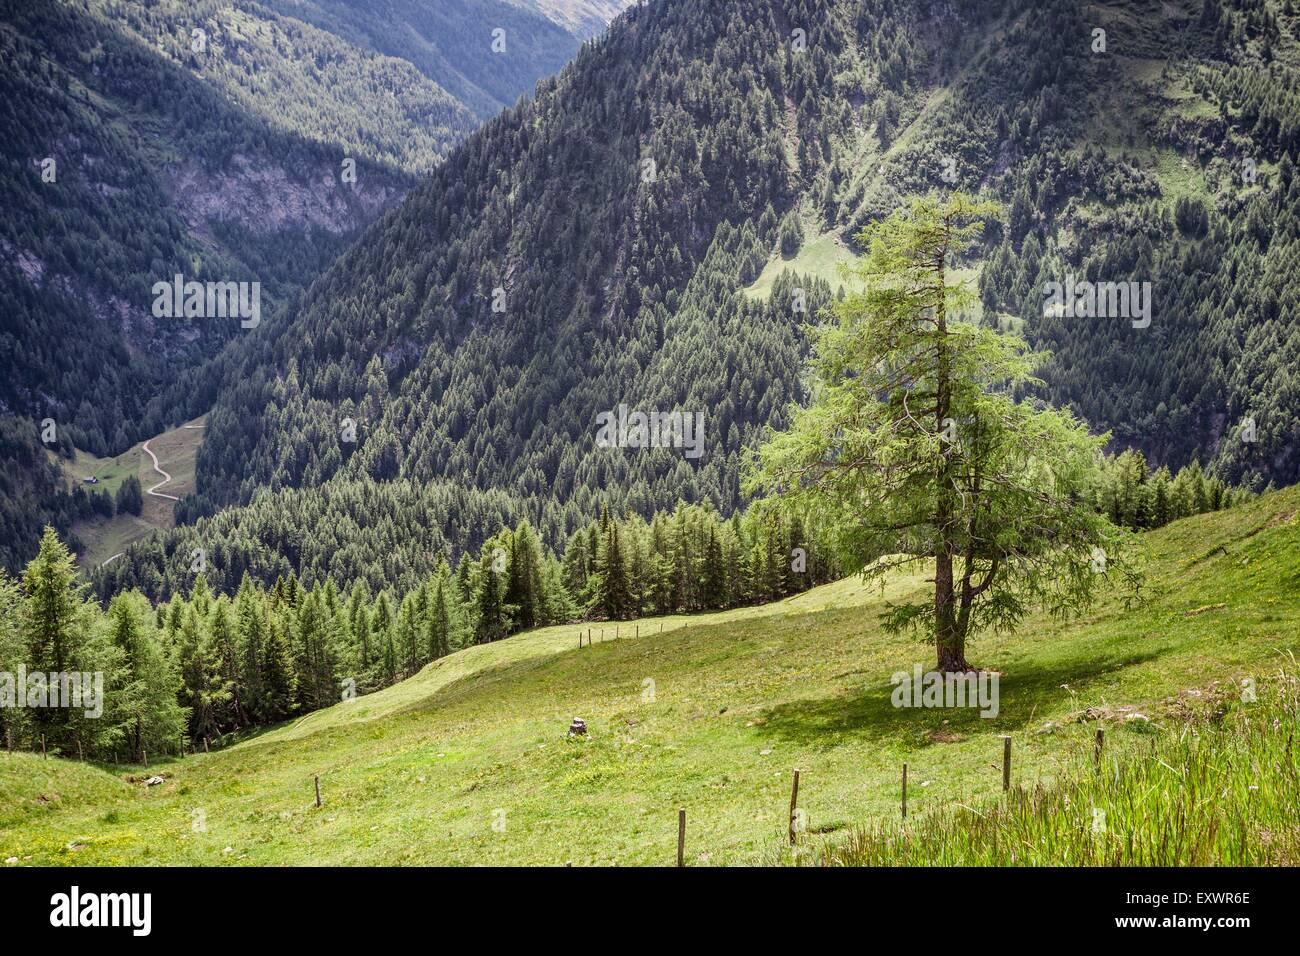 Landscape, Grossglockner High Alpine Road, Austria, Europe - Stock Image